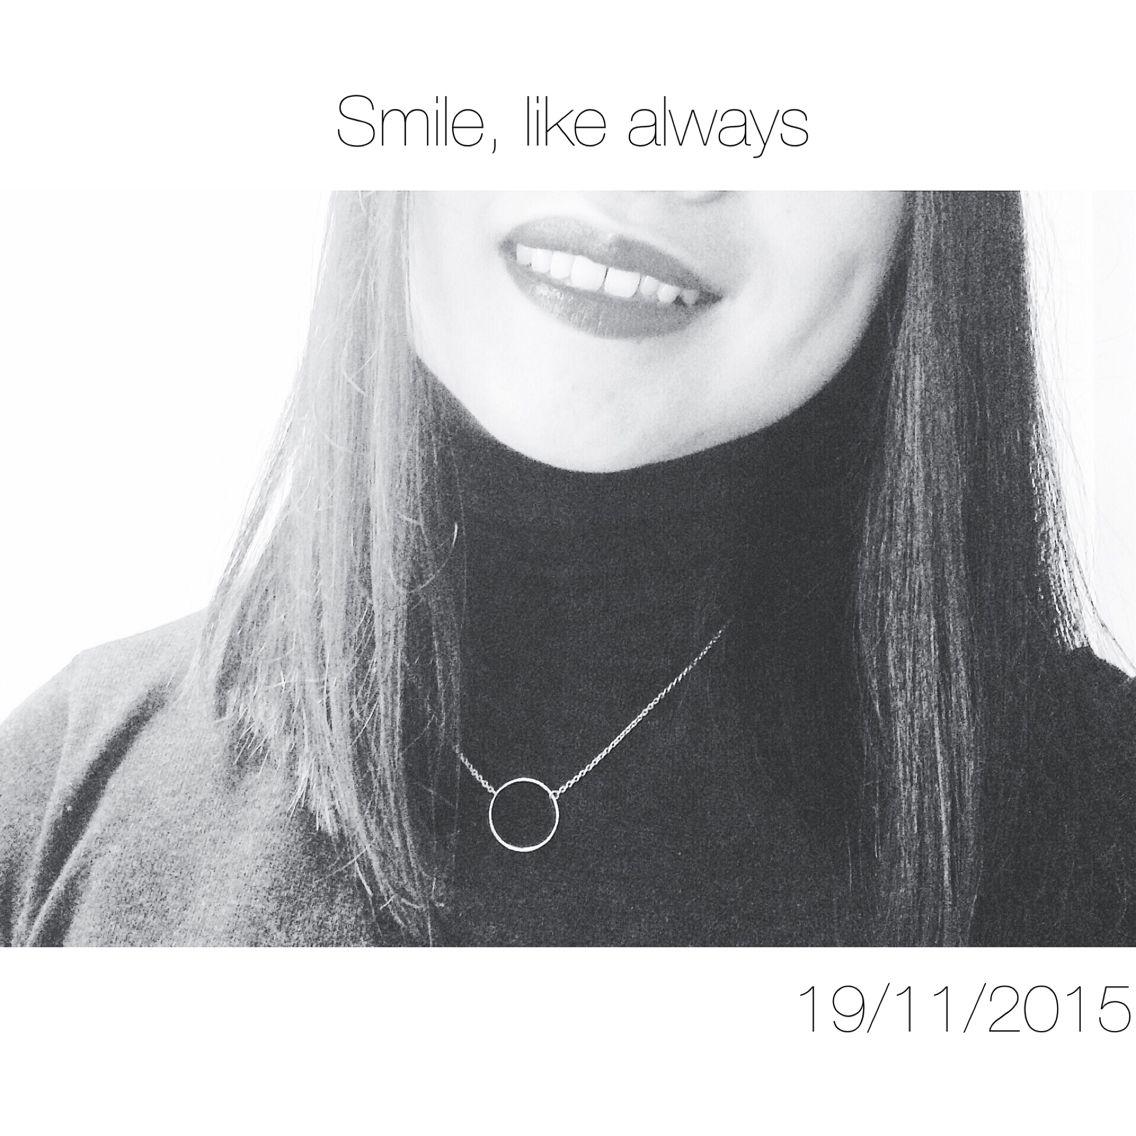 Smile, like always